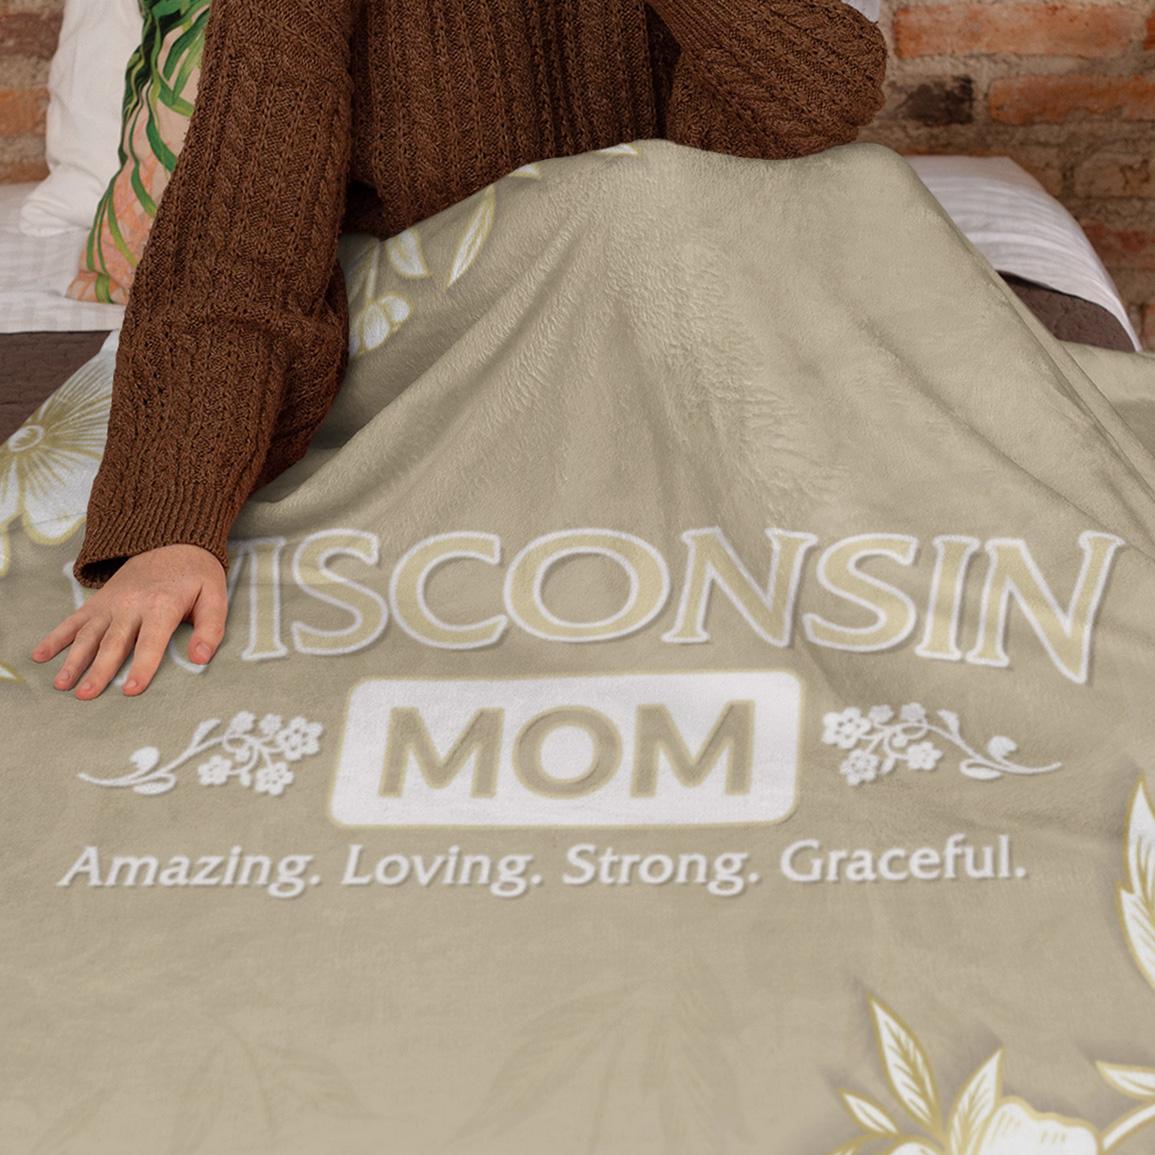 wisconsin-mom-blanket